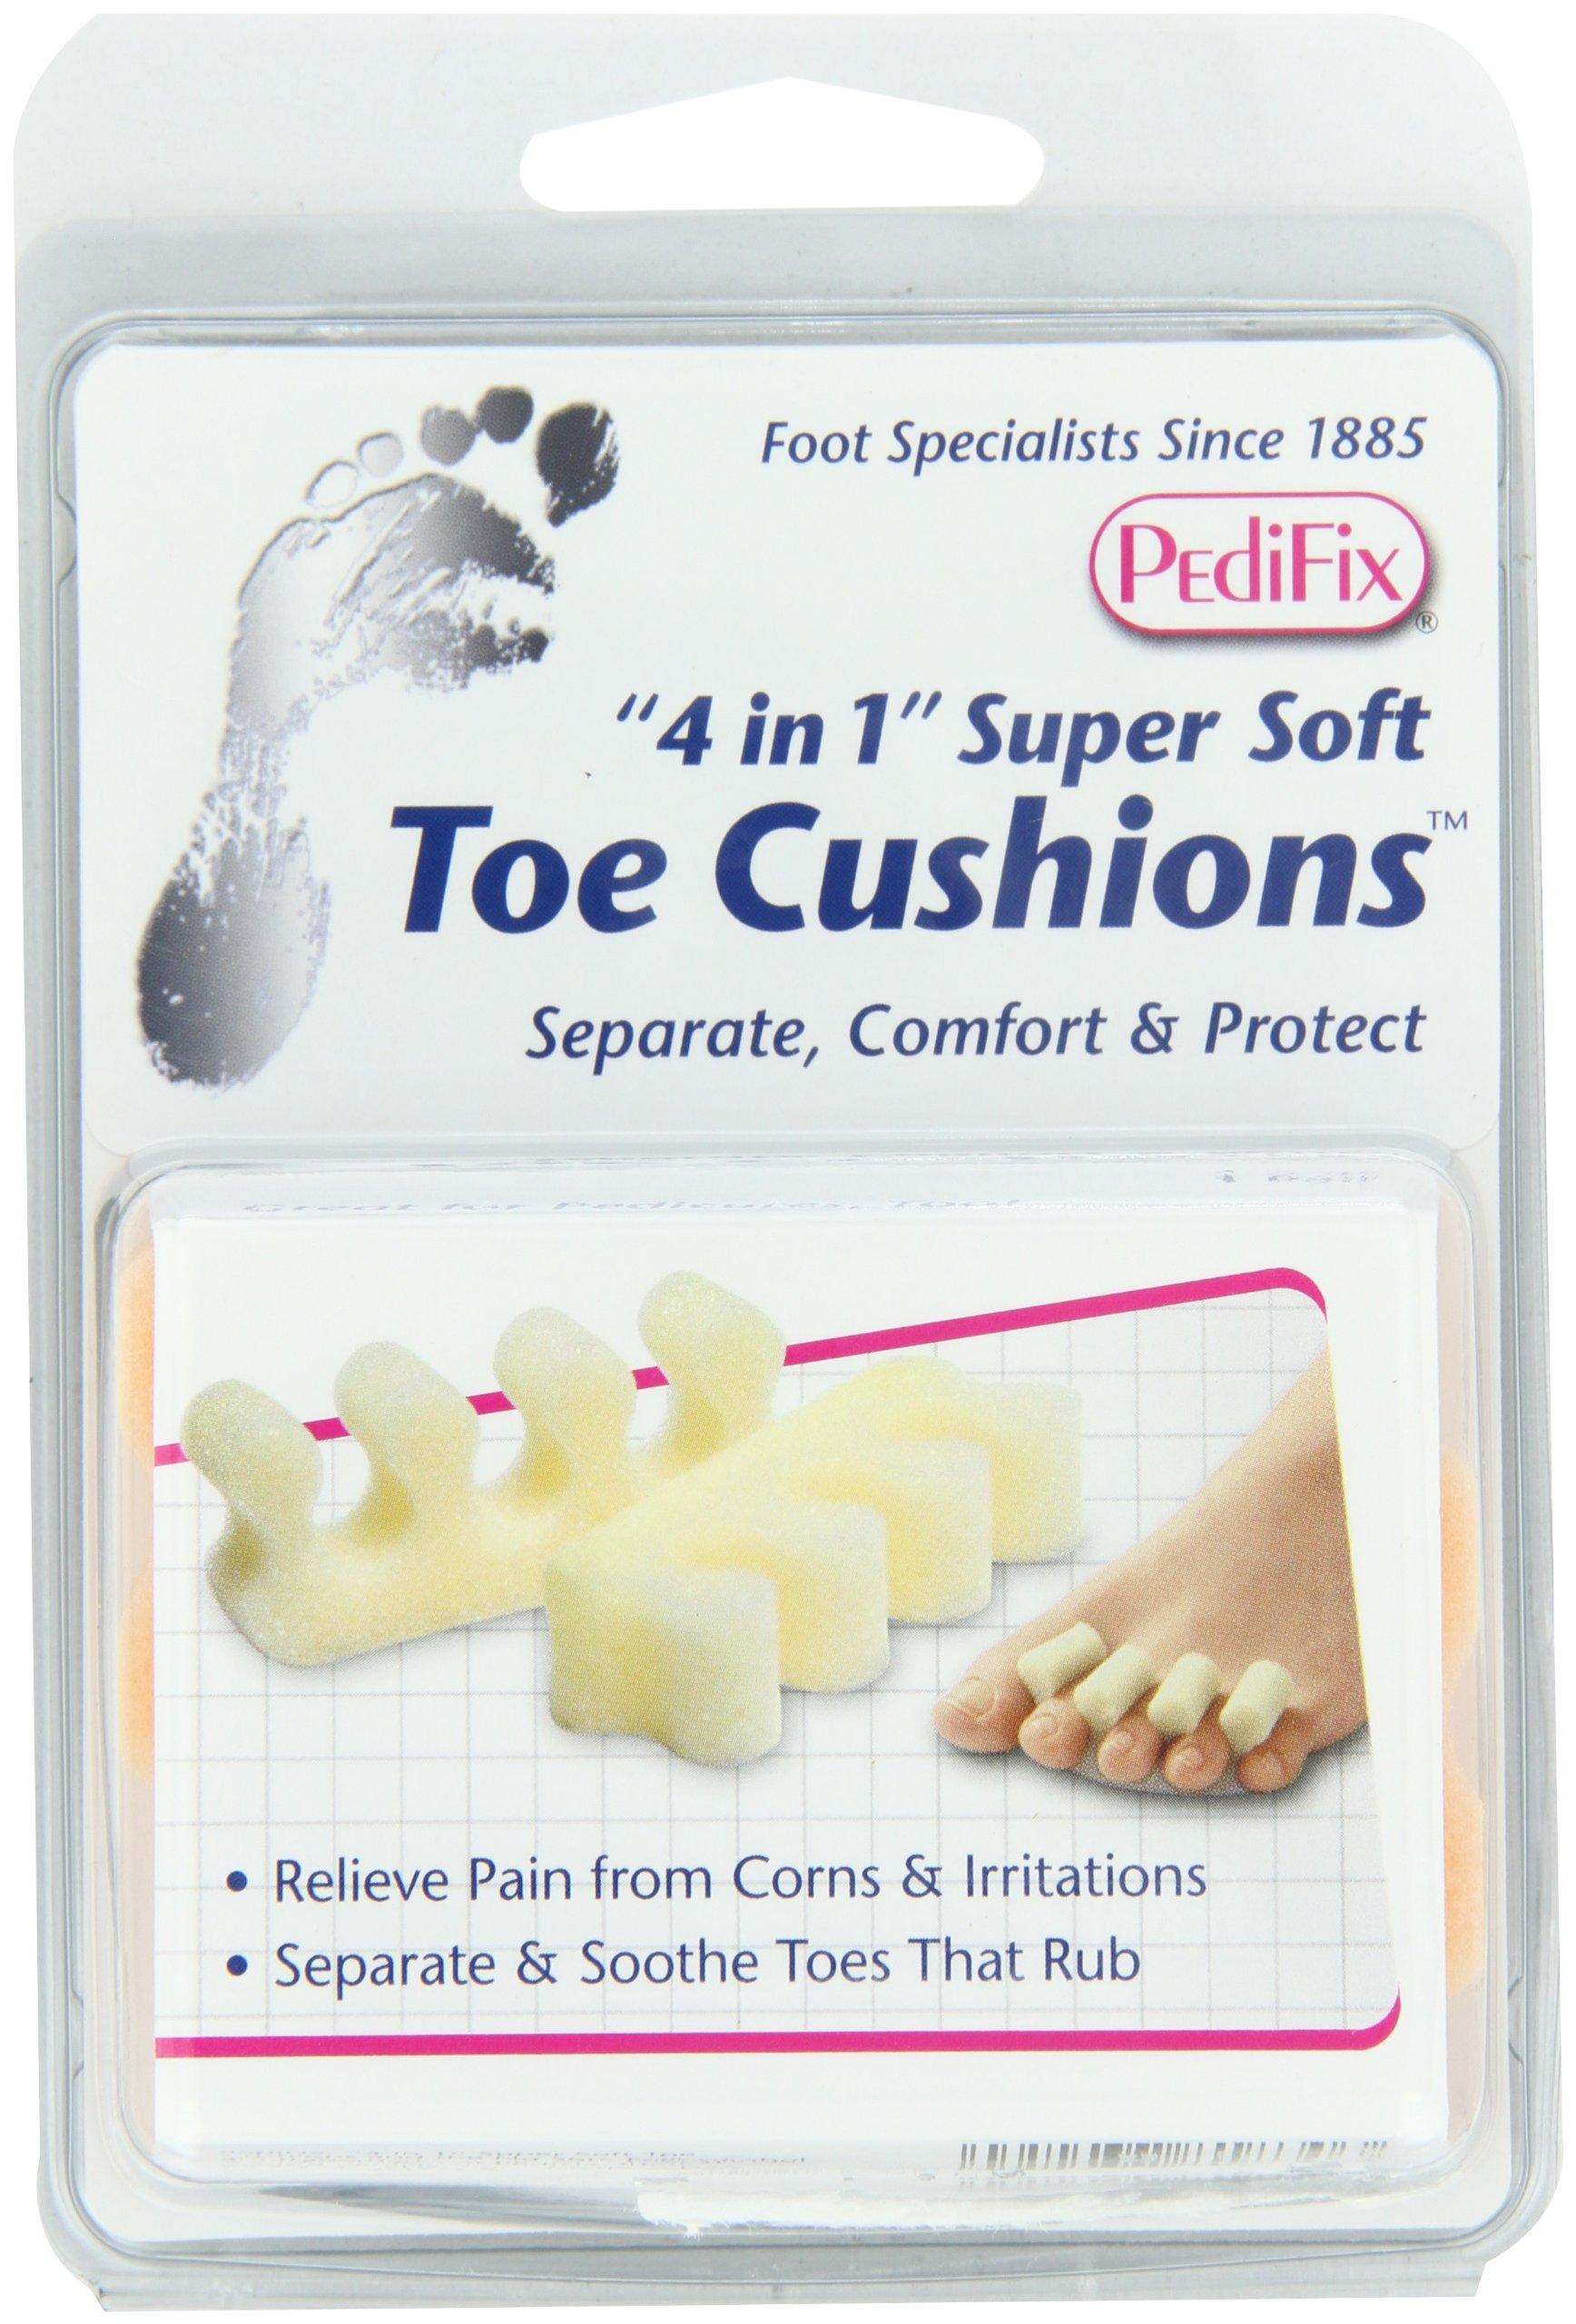 PediFix '4 in 1' Super-Soft Toe Cushions, 2 Pack